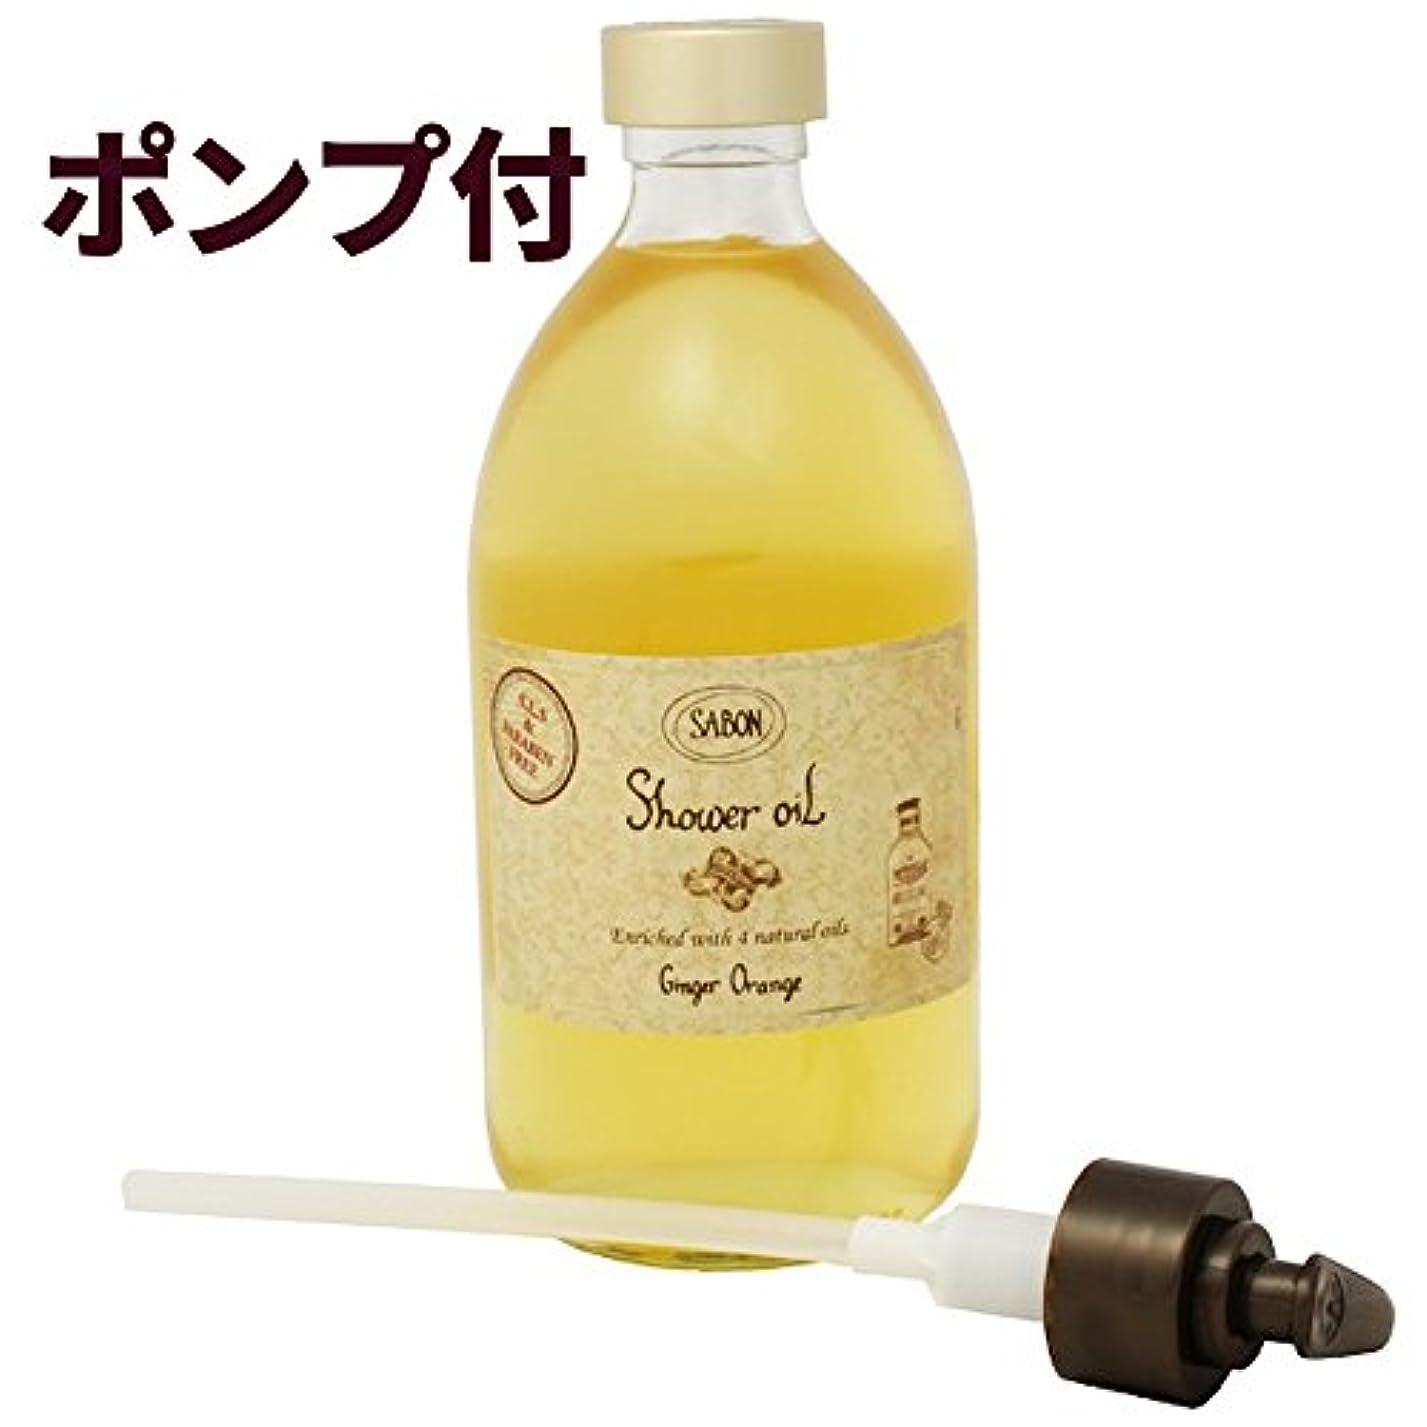 ぶら下がるひまわり現在サボン シャワーオイル ジンジャーオレンジ 500ml(並行輸入品)